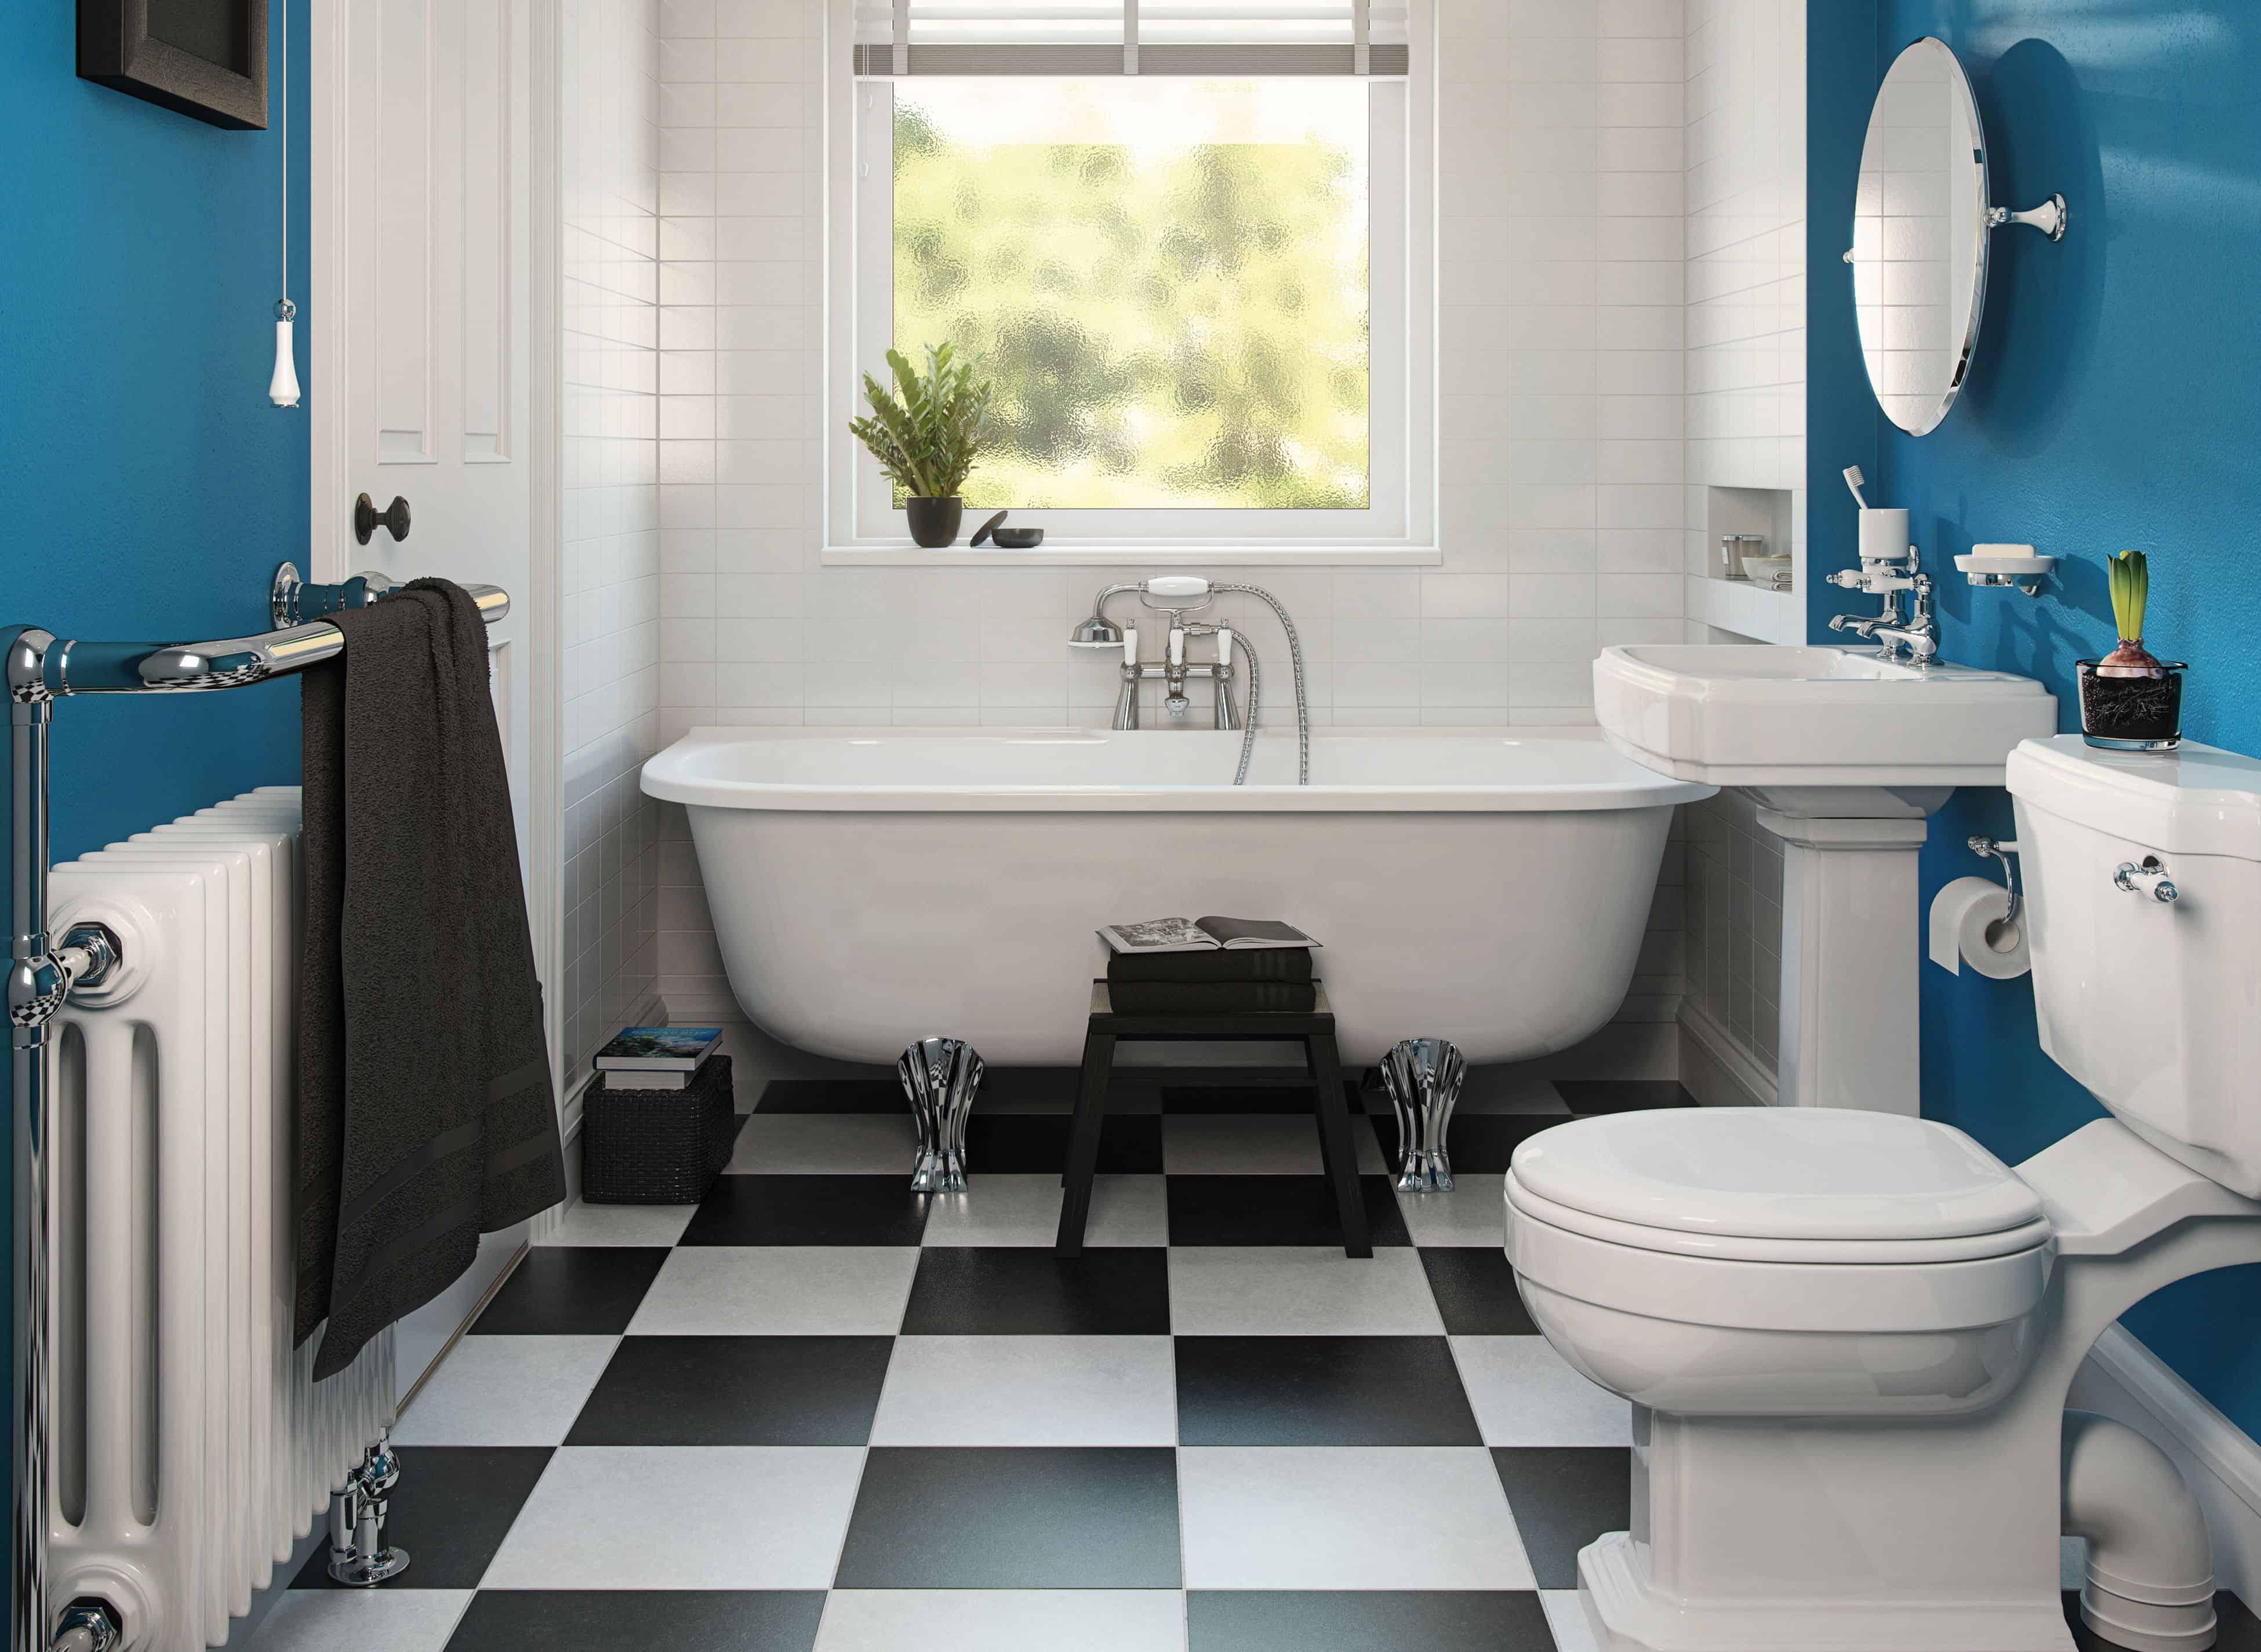 Gostou? Conta pra gente aí suas ideias para banheiro com banheira! #1D4B63 3900x2850 Banheira Alvenaria Banheiro Pequeno